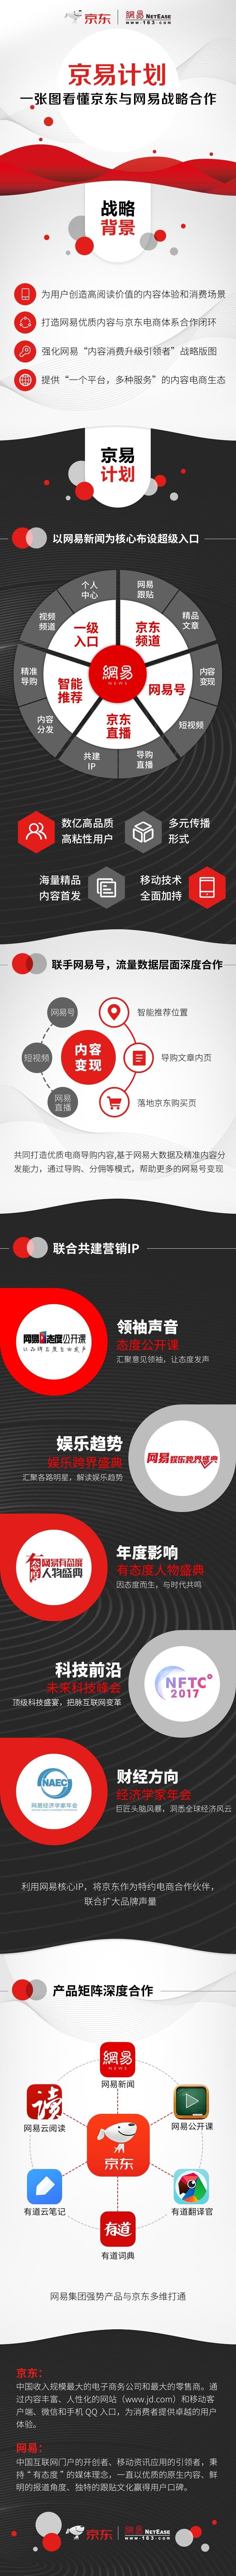 """内容消费升级战略步步为营,网易与京东达成""""京易计划"""""""